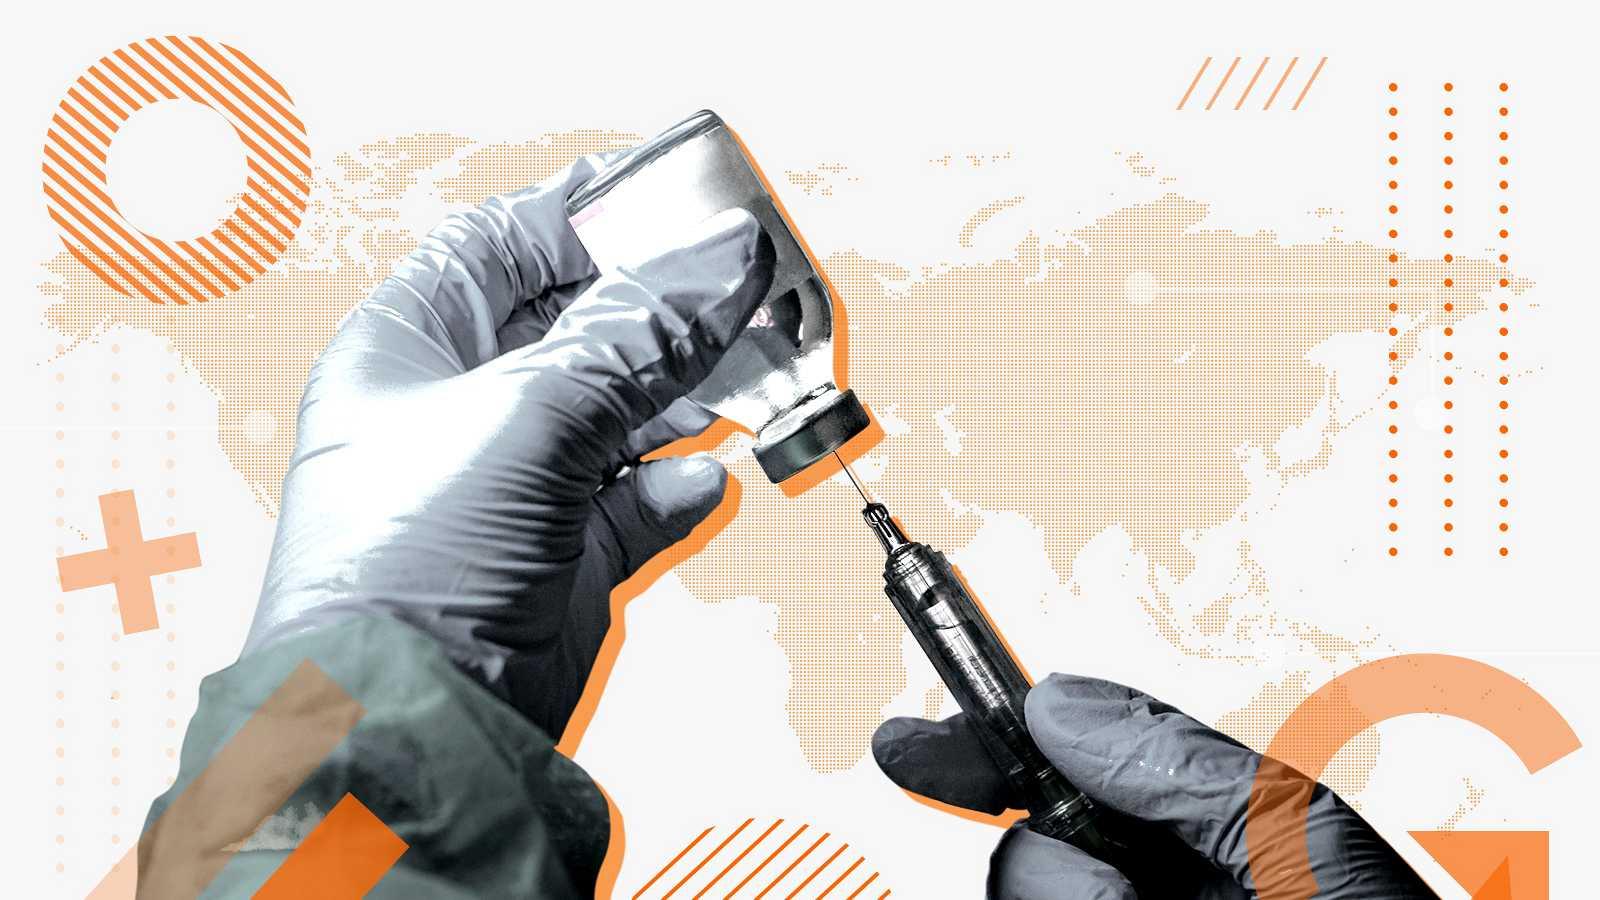 La vacunación de la COVID-19 se está extendiendo principalmente en los países desarrollados.